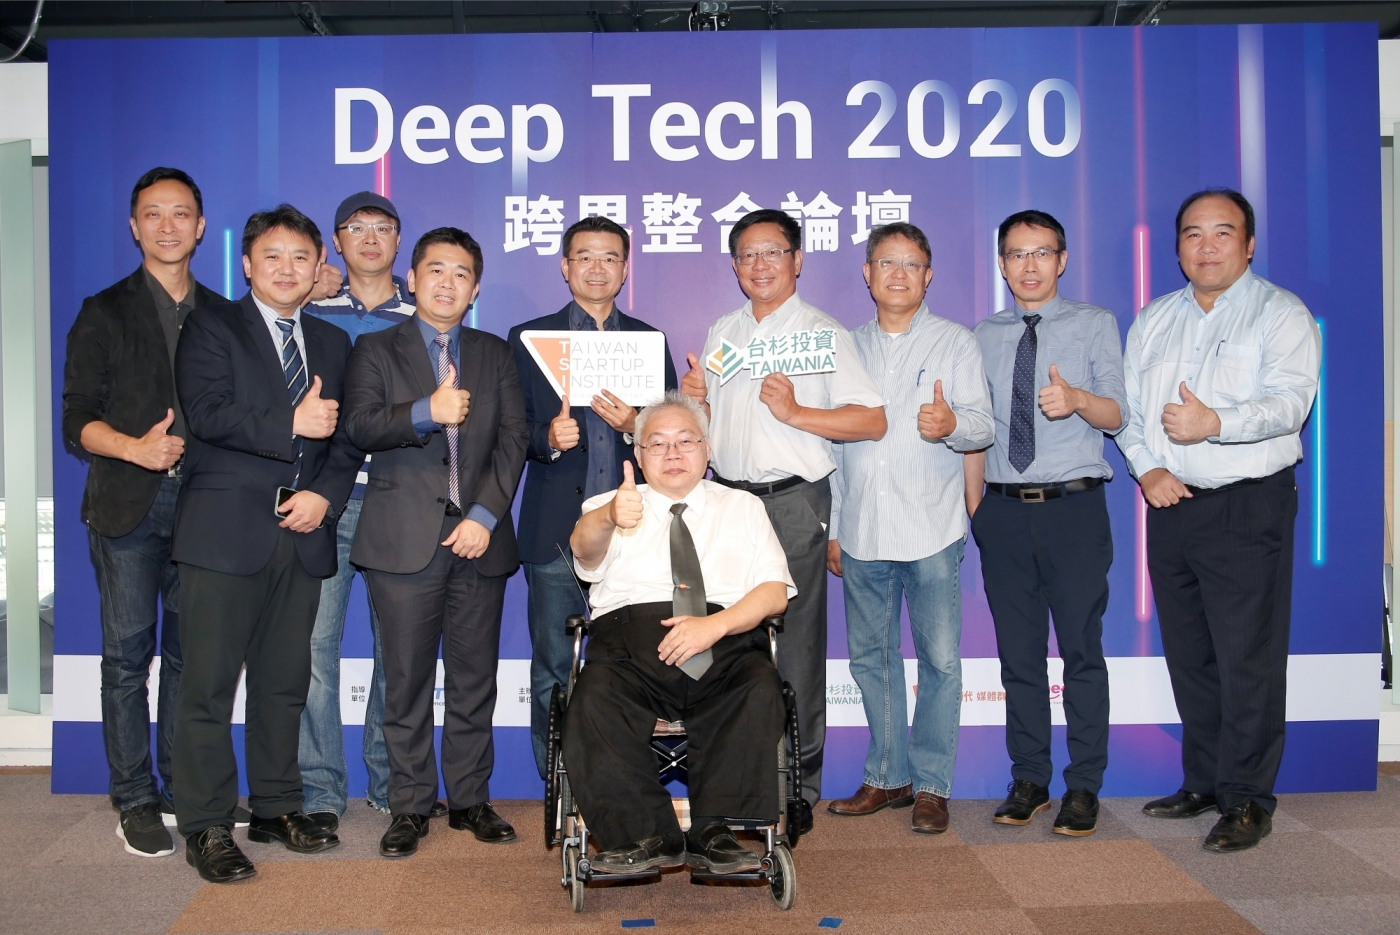 產學研齊聚 Deep Tech 跨界整合論壇,台灣 AI 新創力拚規模經營、擴大應用場景